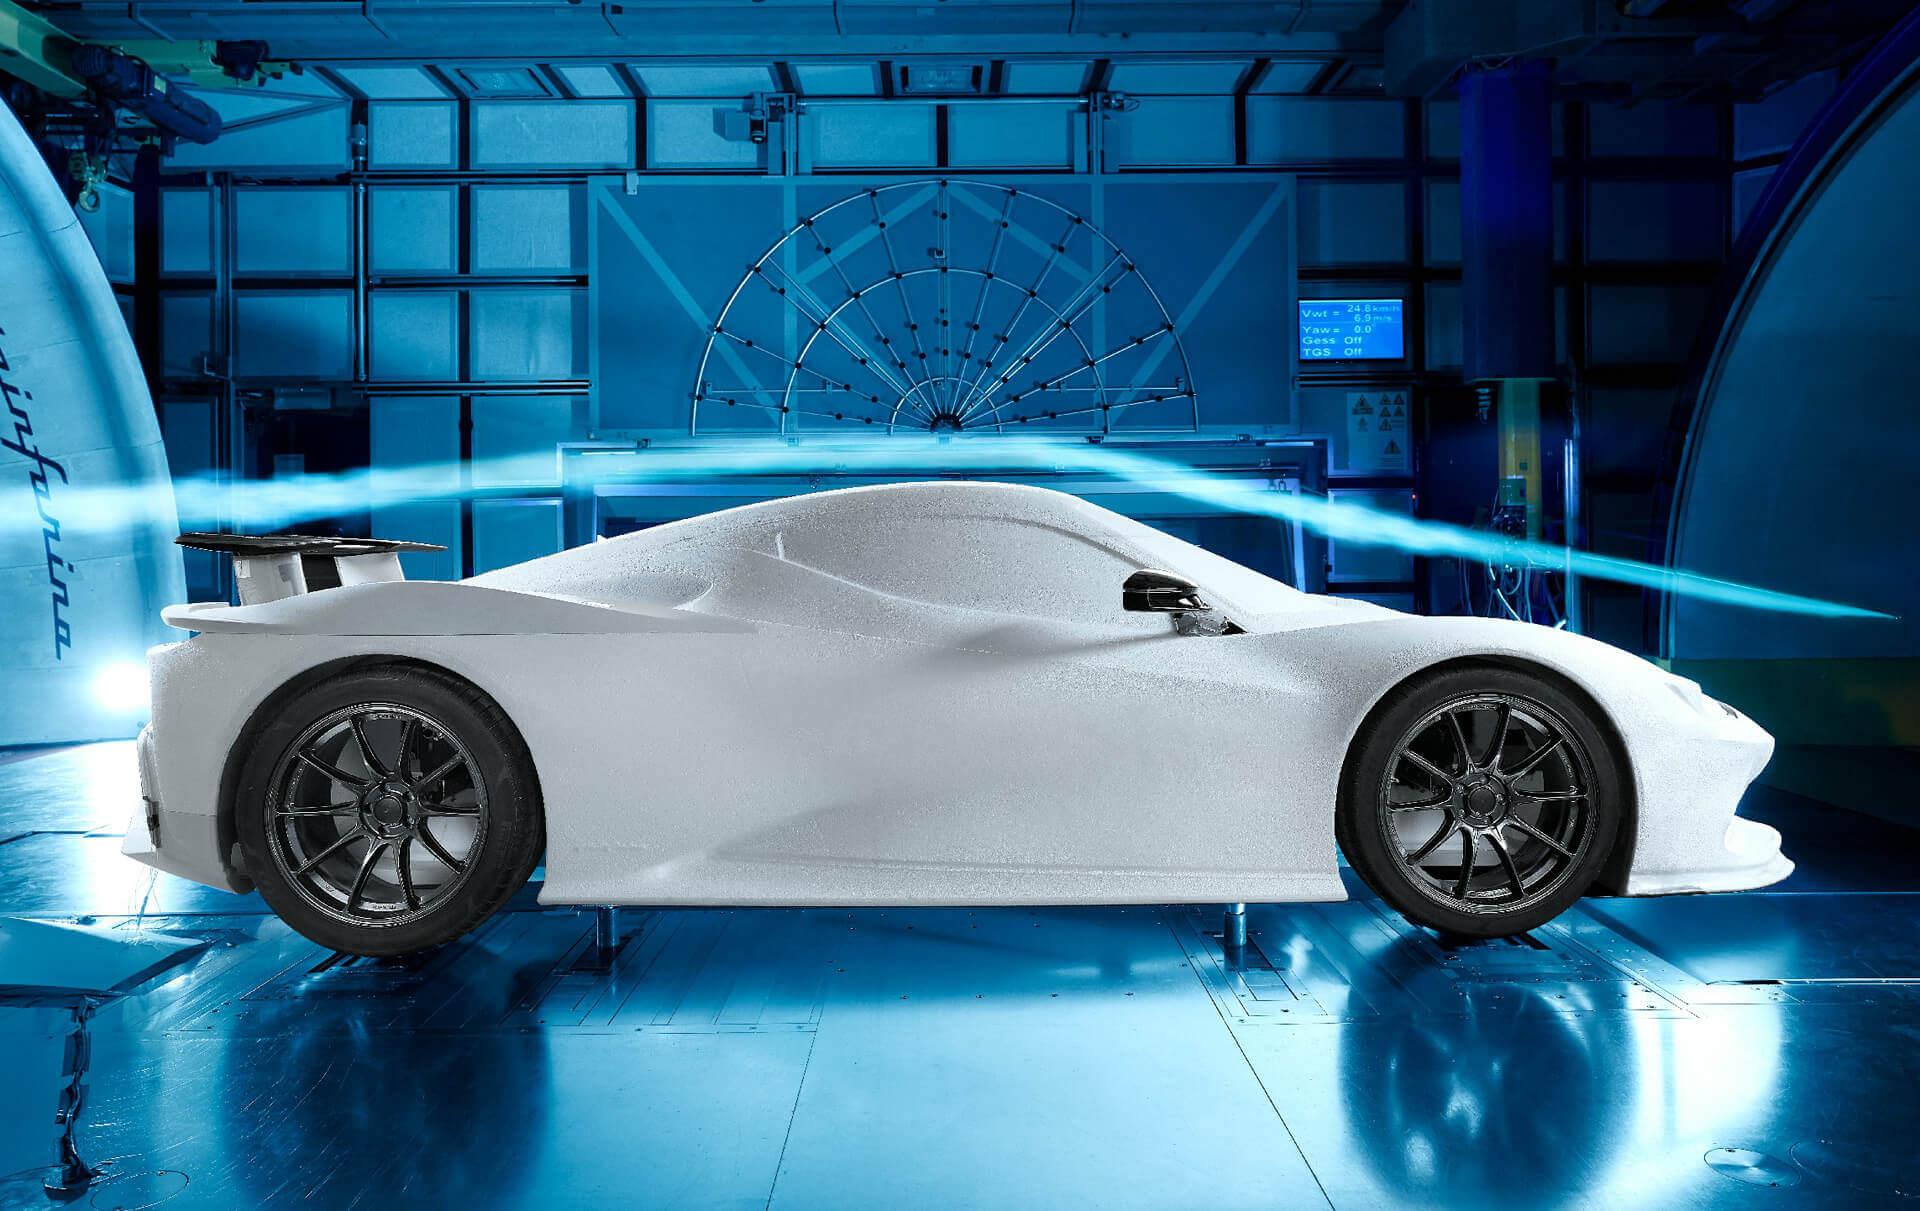 Тестирование электромобиля Pininfarina Battista в аэродинамической трубе